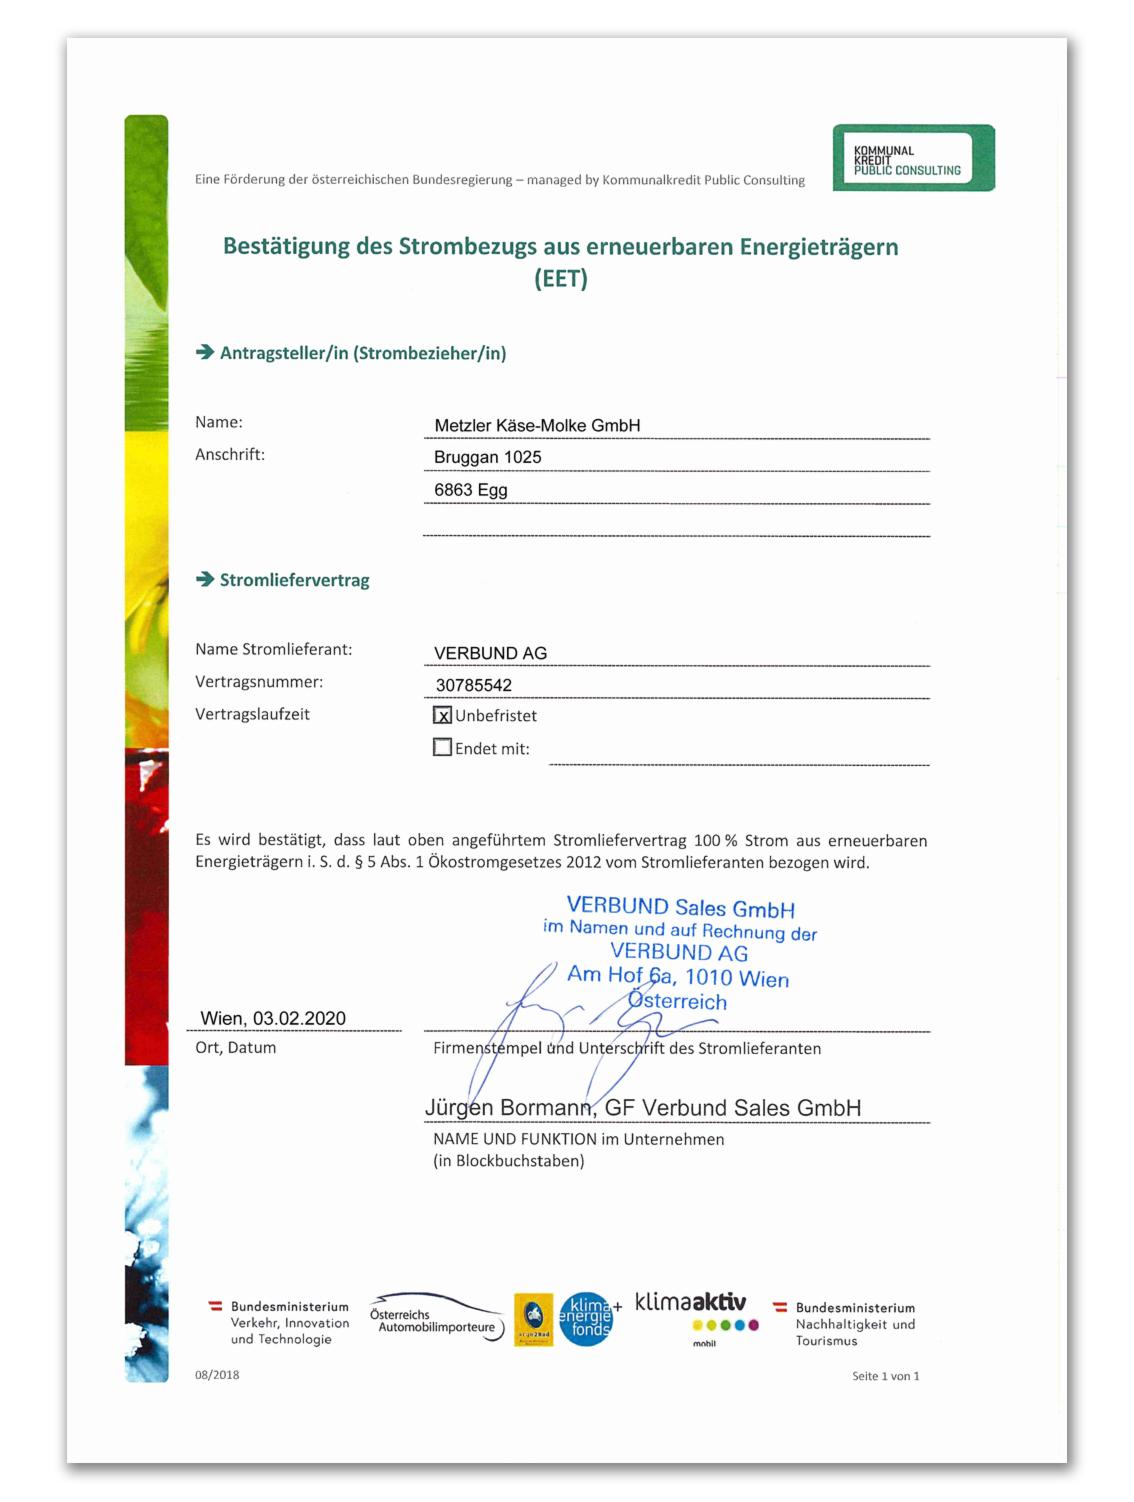 Bestätigung des Strombezugs aus erneuerbaren Energieträgern